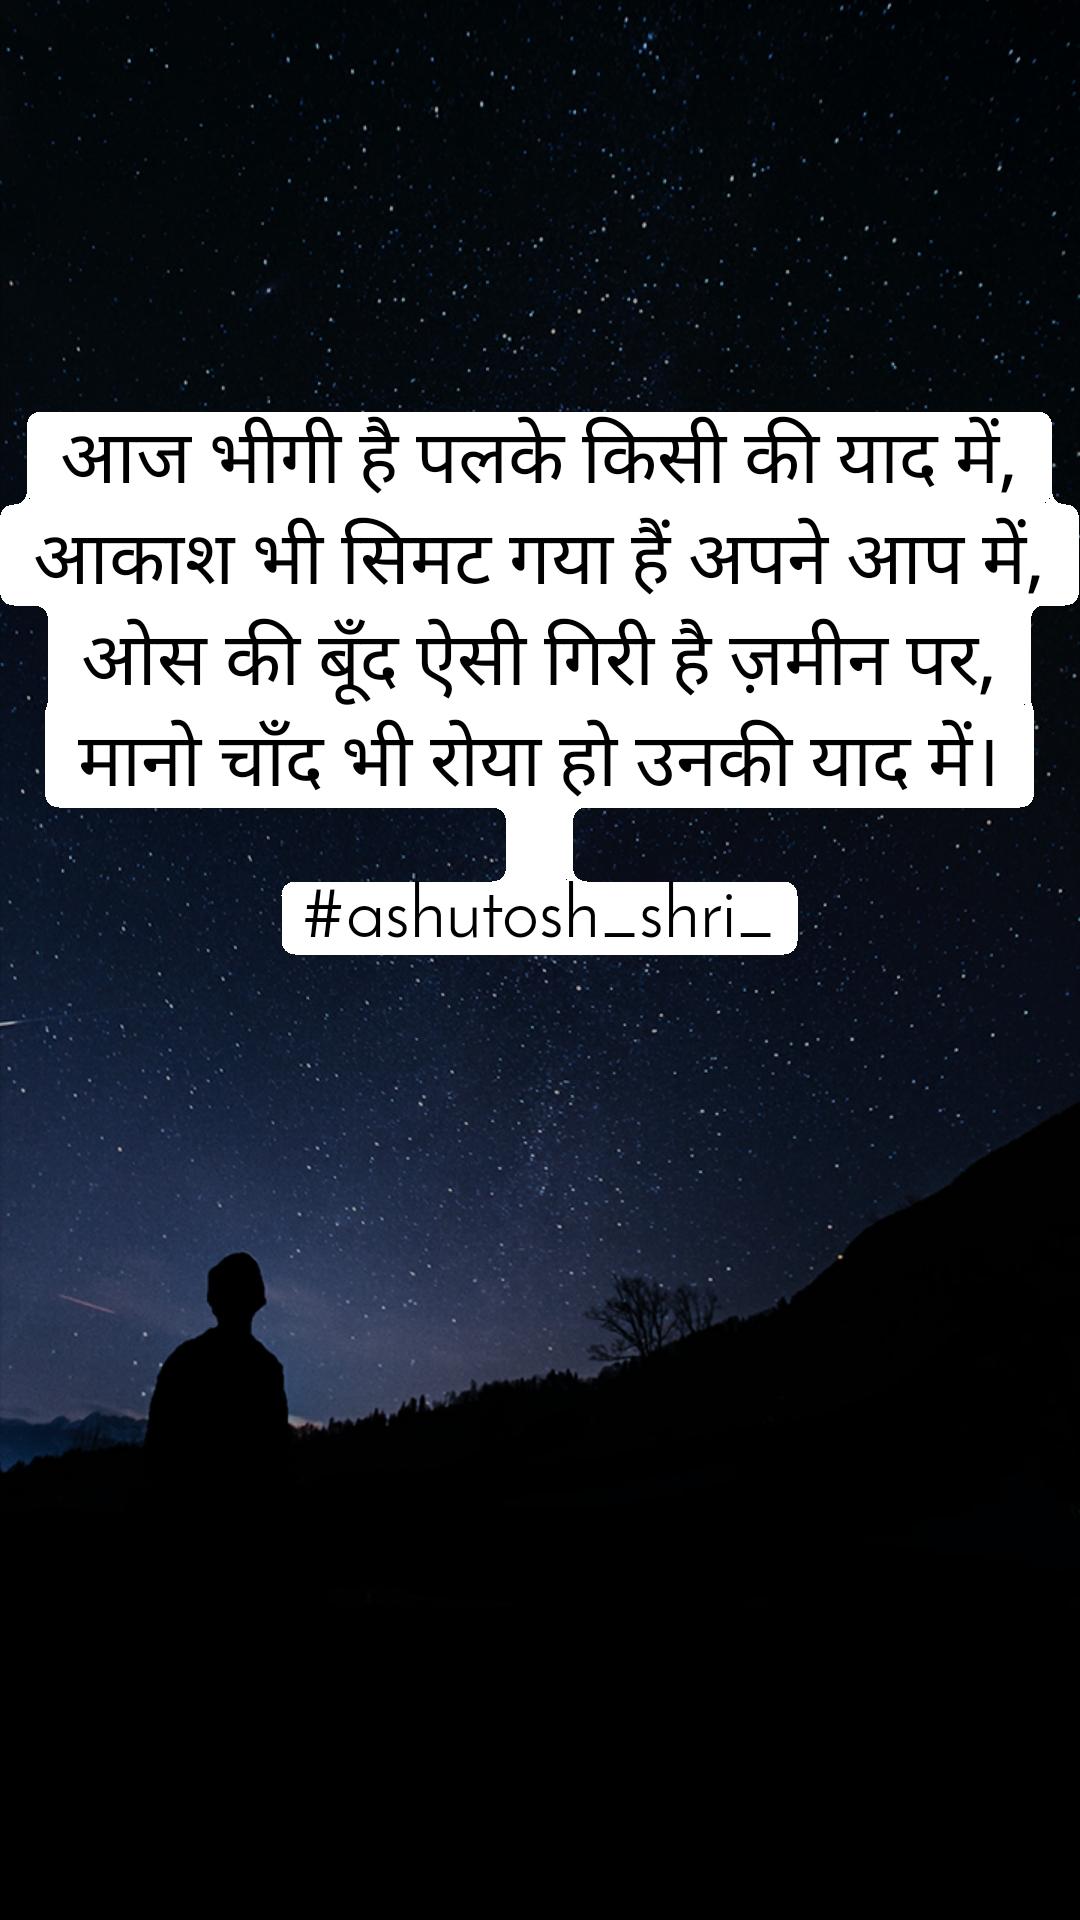 आज भीगी है पलके किसी की याद में, आकाश भी सिमट गया हैं अपने आप में, ओस की बूँद ऐसी गिरी है ज़मीन पर, मानो चाँद भी रोया हो उनकी याद में।  #ashutosh_shri_